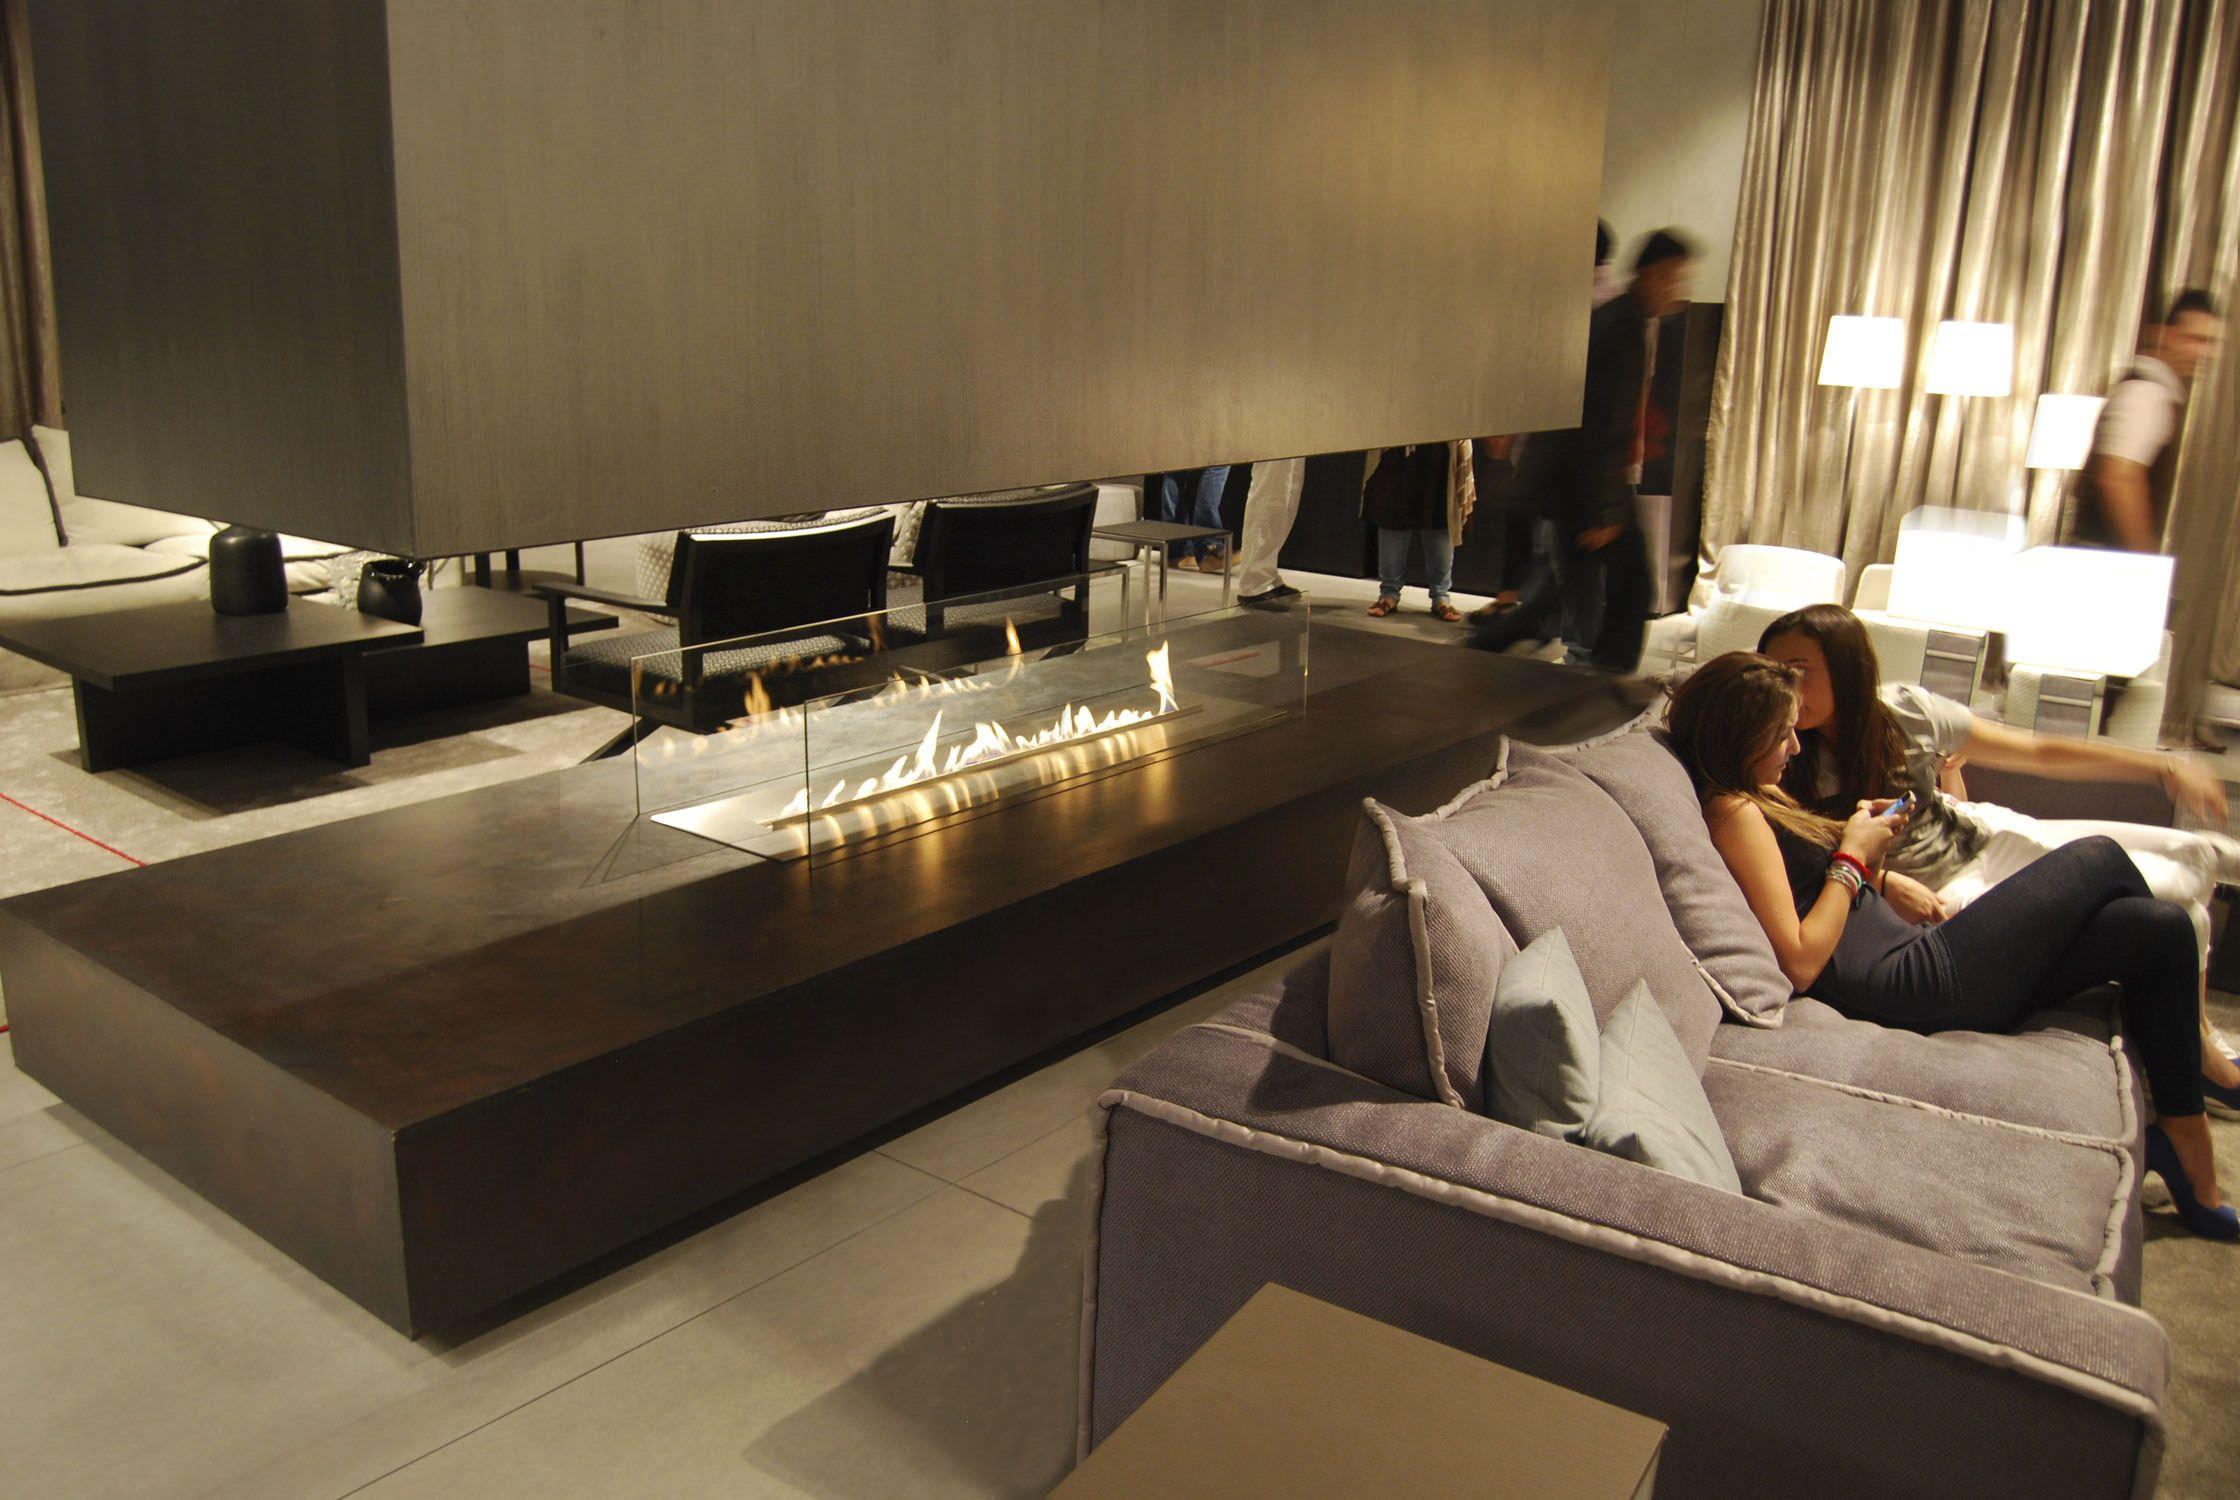 Salotto Moderno Con Camino Controsoffitta E Tavolino Circolare Interior Design : Awesome camino centrale moderno focolare aperto a